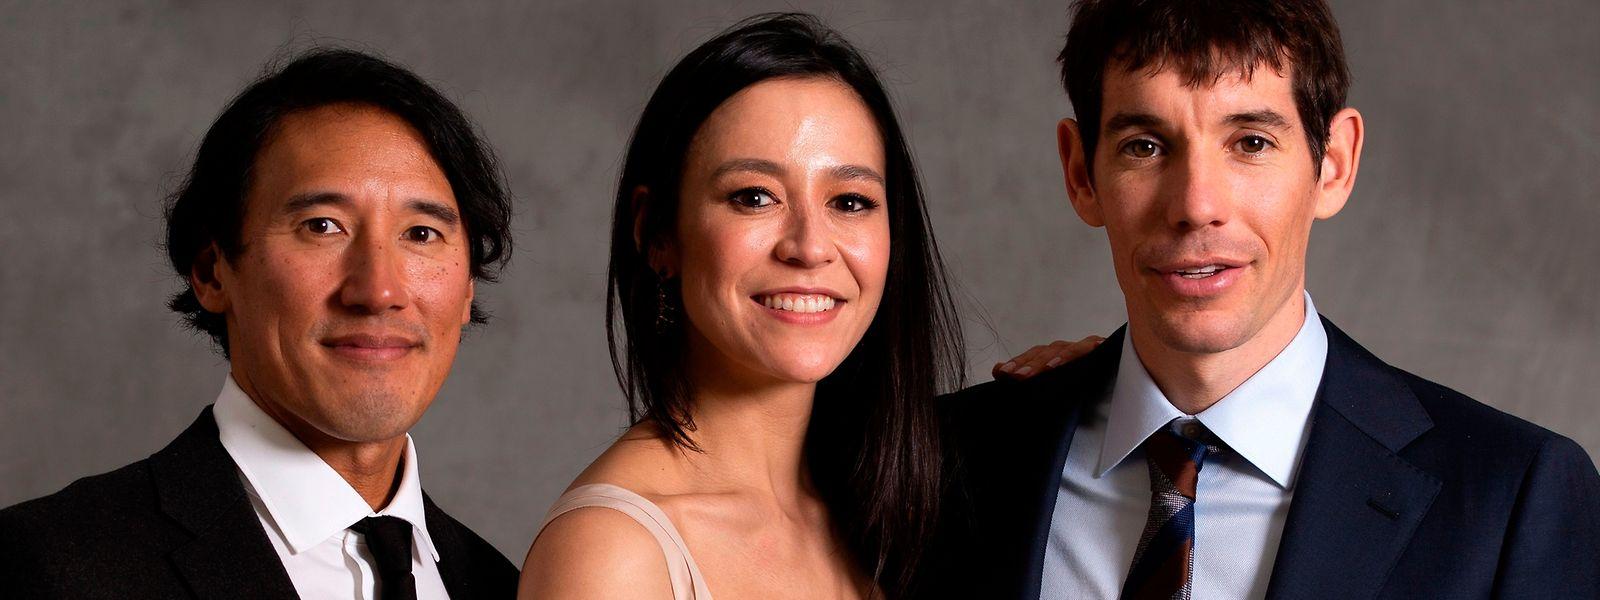 """Os realizadore Jimmy Chin e Elizabeth Chai Vasarhelyi com o protagonista de """"Free Solo"""", o montanhista Alex Honnold."""